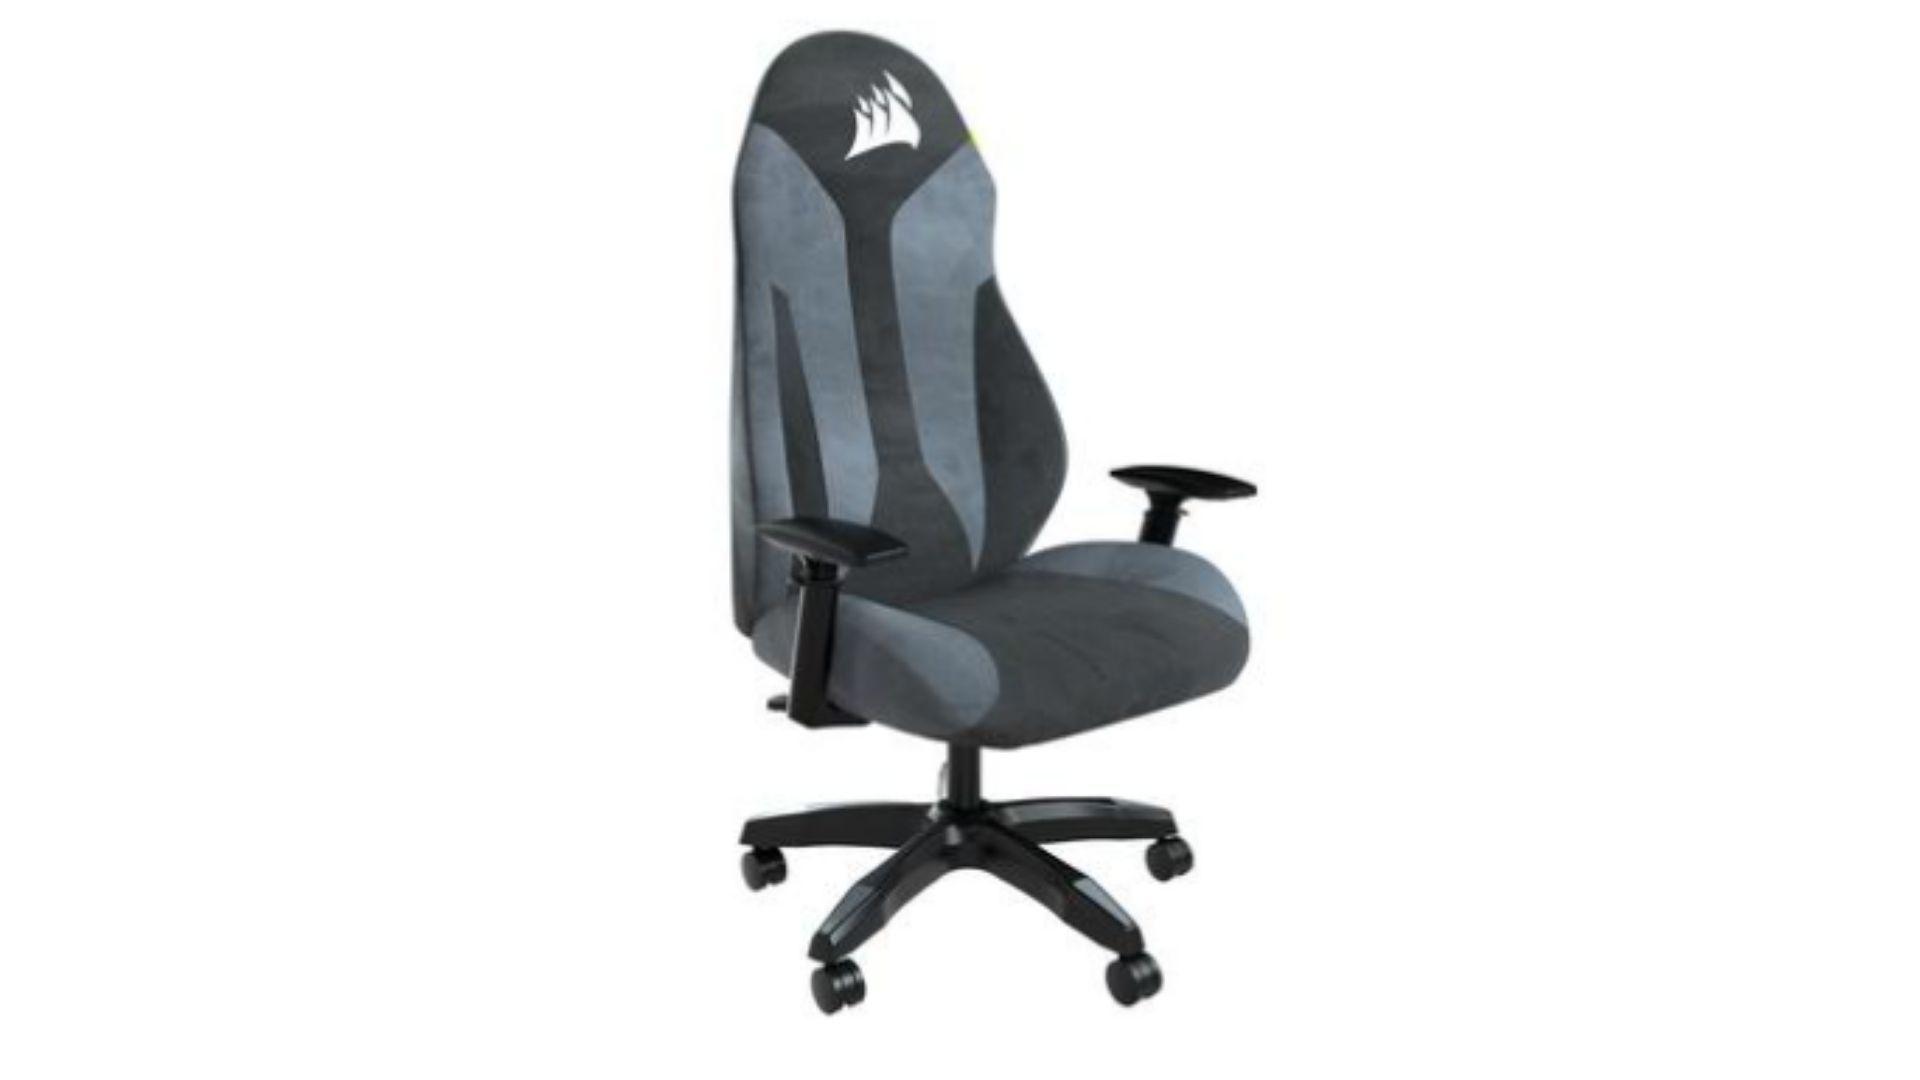 Cadeira gamer de tecido Corsair TC60 Fabric com detalhes em cinza e preto em fundo branco.